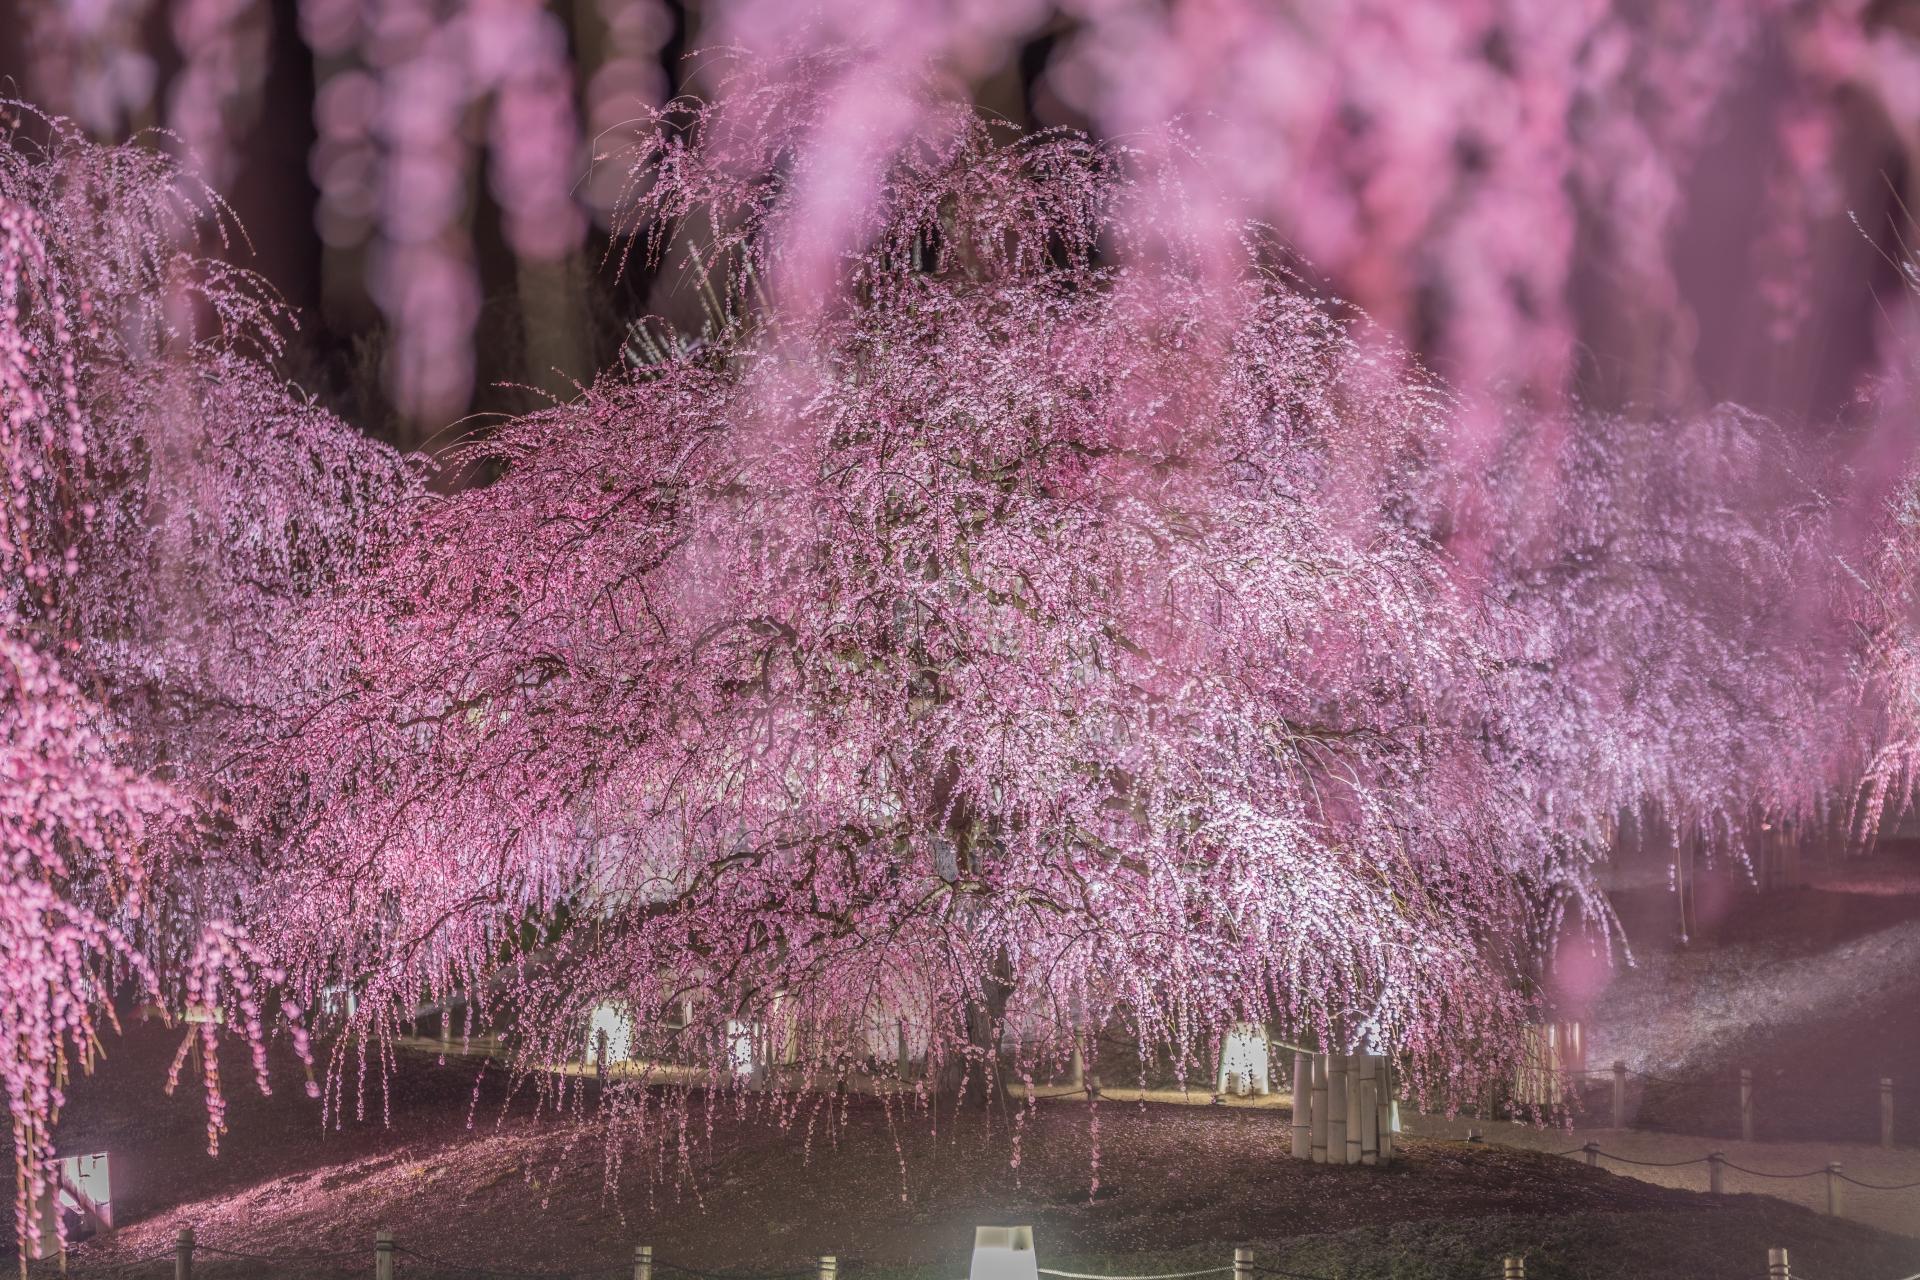 3269780_m 三重県  鈴鹿の森庭園(鈴鹿山脈を背景に彩る梅の絶景スポット! 夜間のライトアップも開催! 写真の紹介、アクセス情報や駐車場情報など)